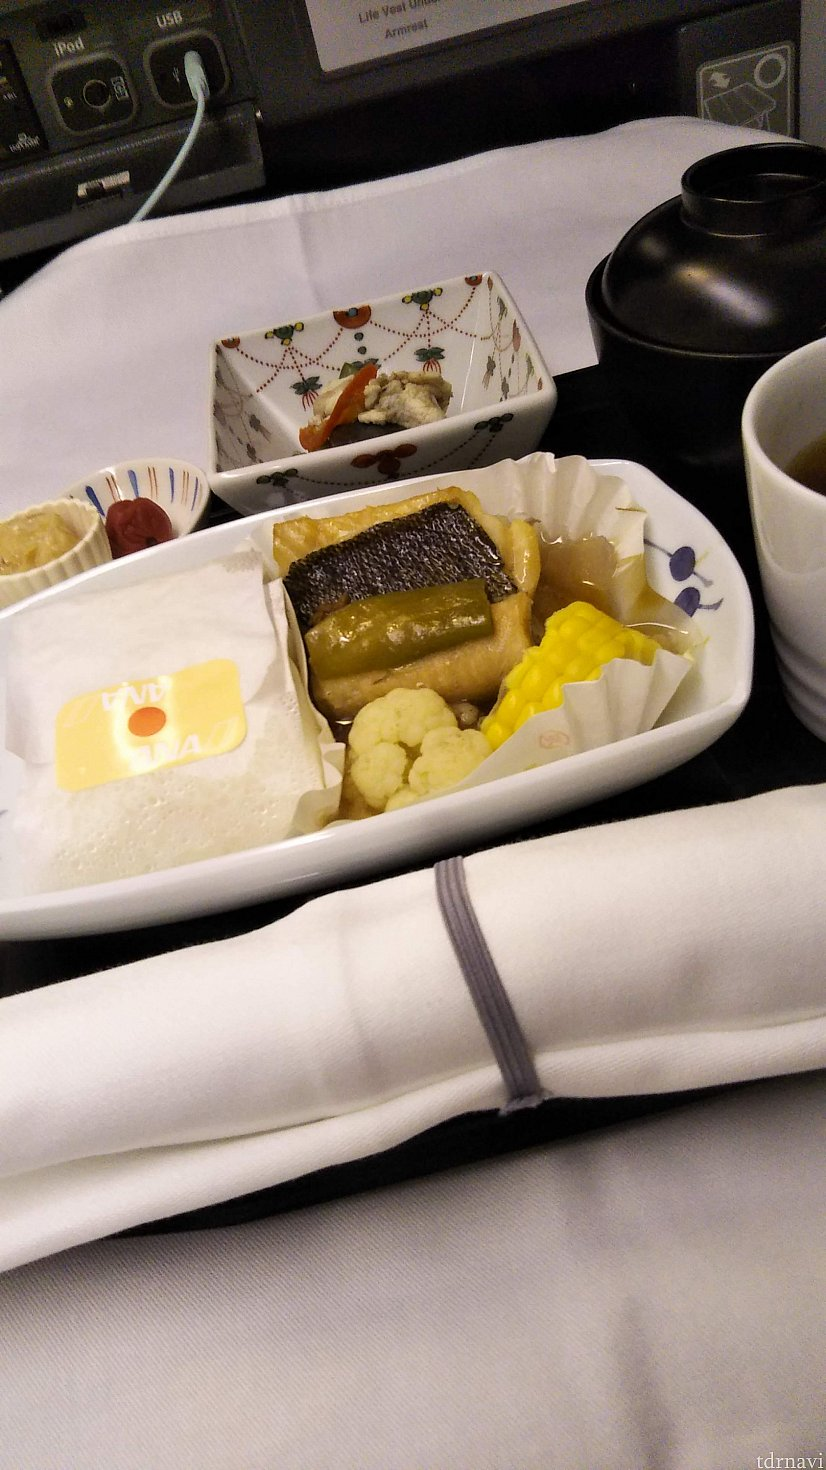 また少し寝て、朝ごはん。 寝ることと食べることしかしていない・・? 朝ごはんは和食の俵ご飯を頼みます。 WDWに行ったらおいしいお米があまり食べれなくなるからなあ・・。